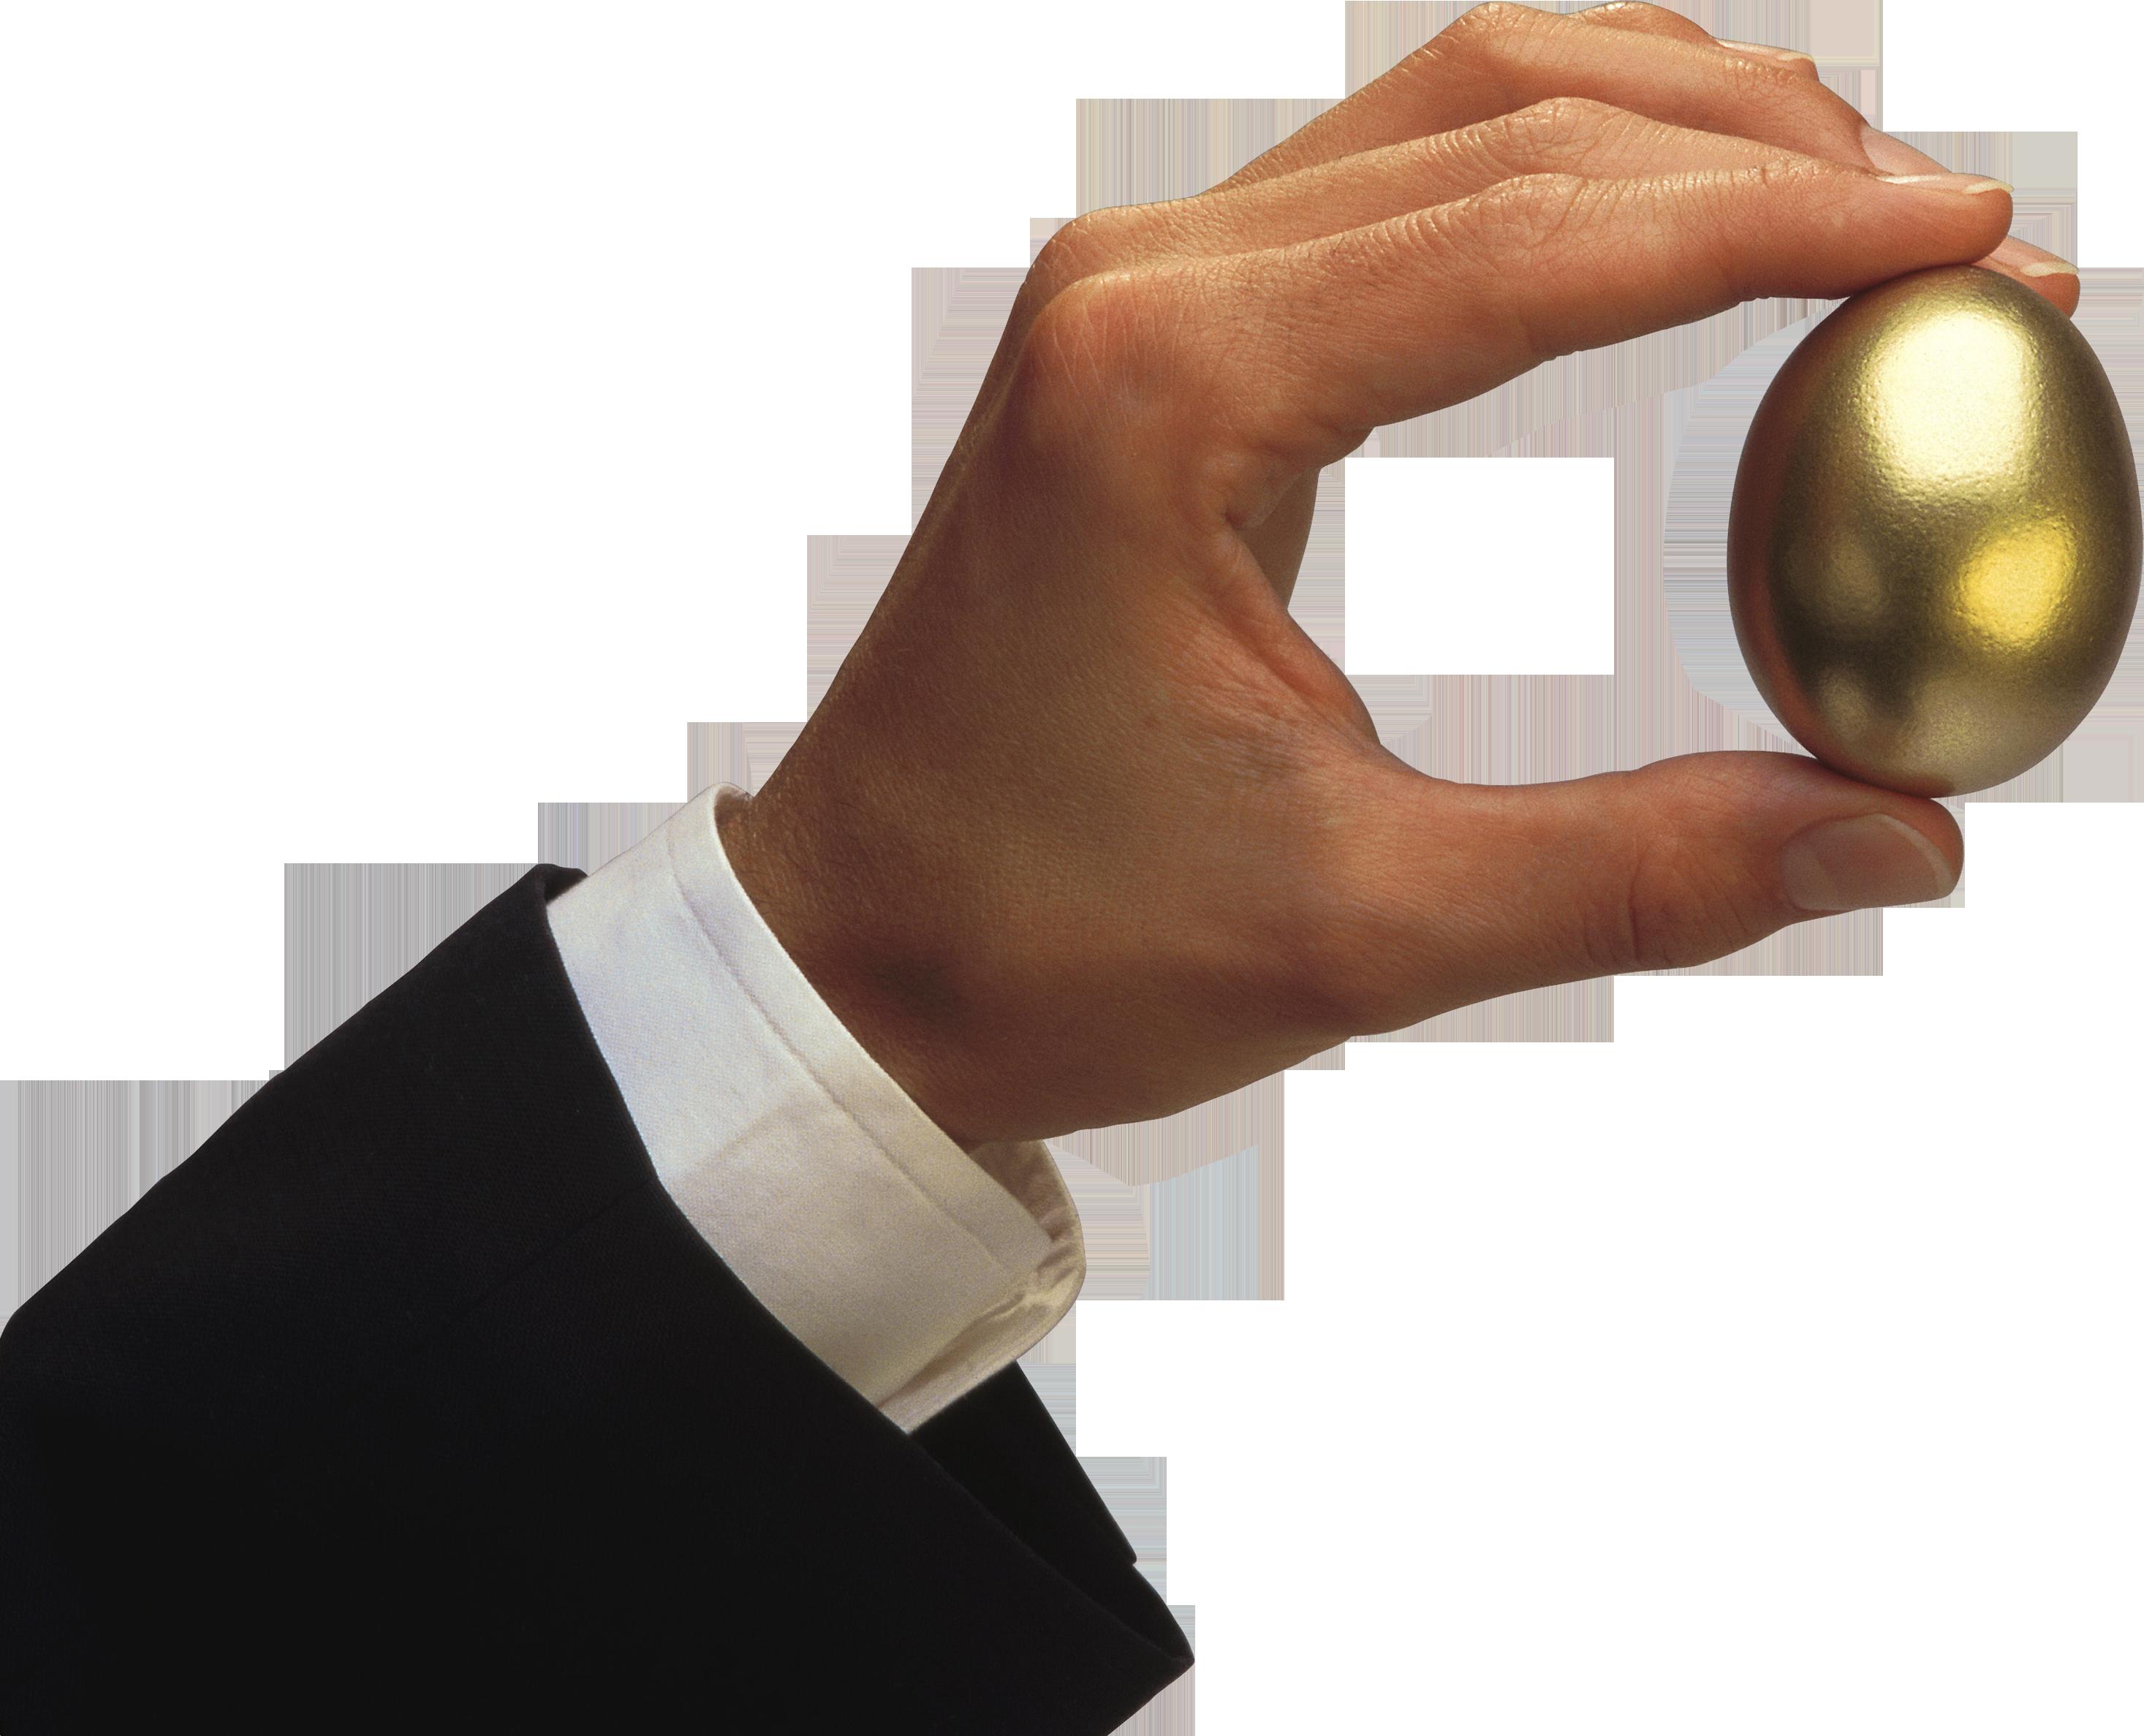 Hand Holding Golden Egg